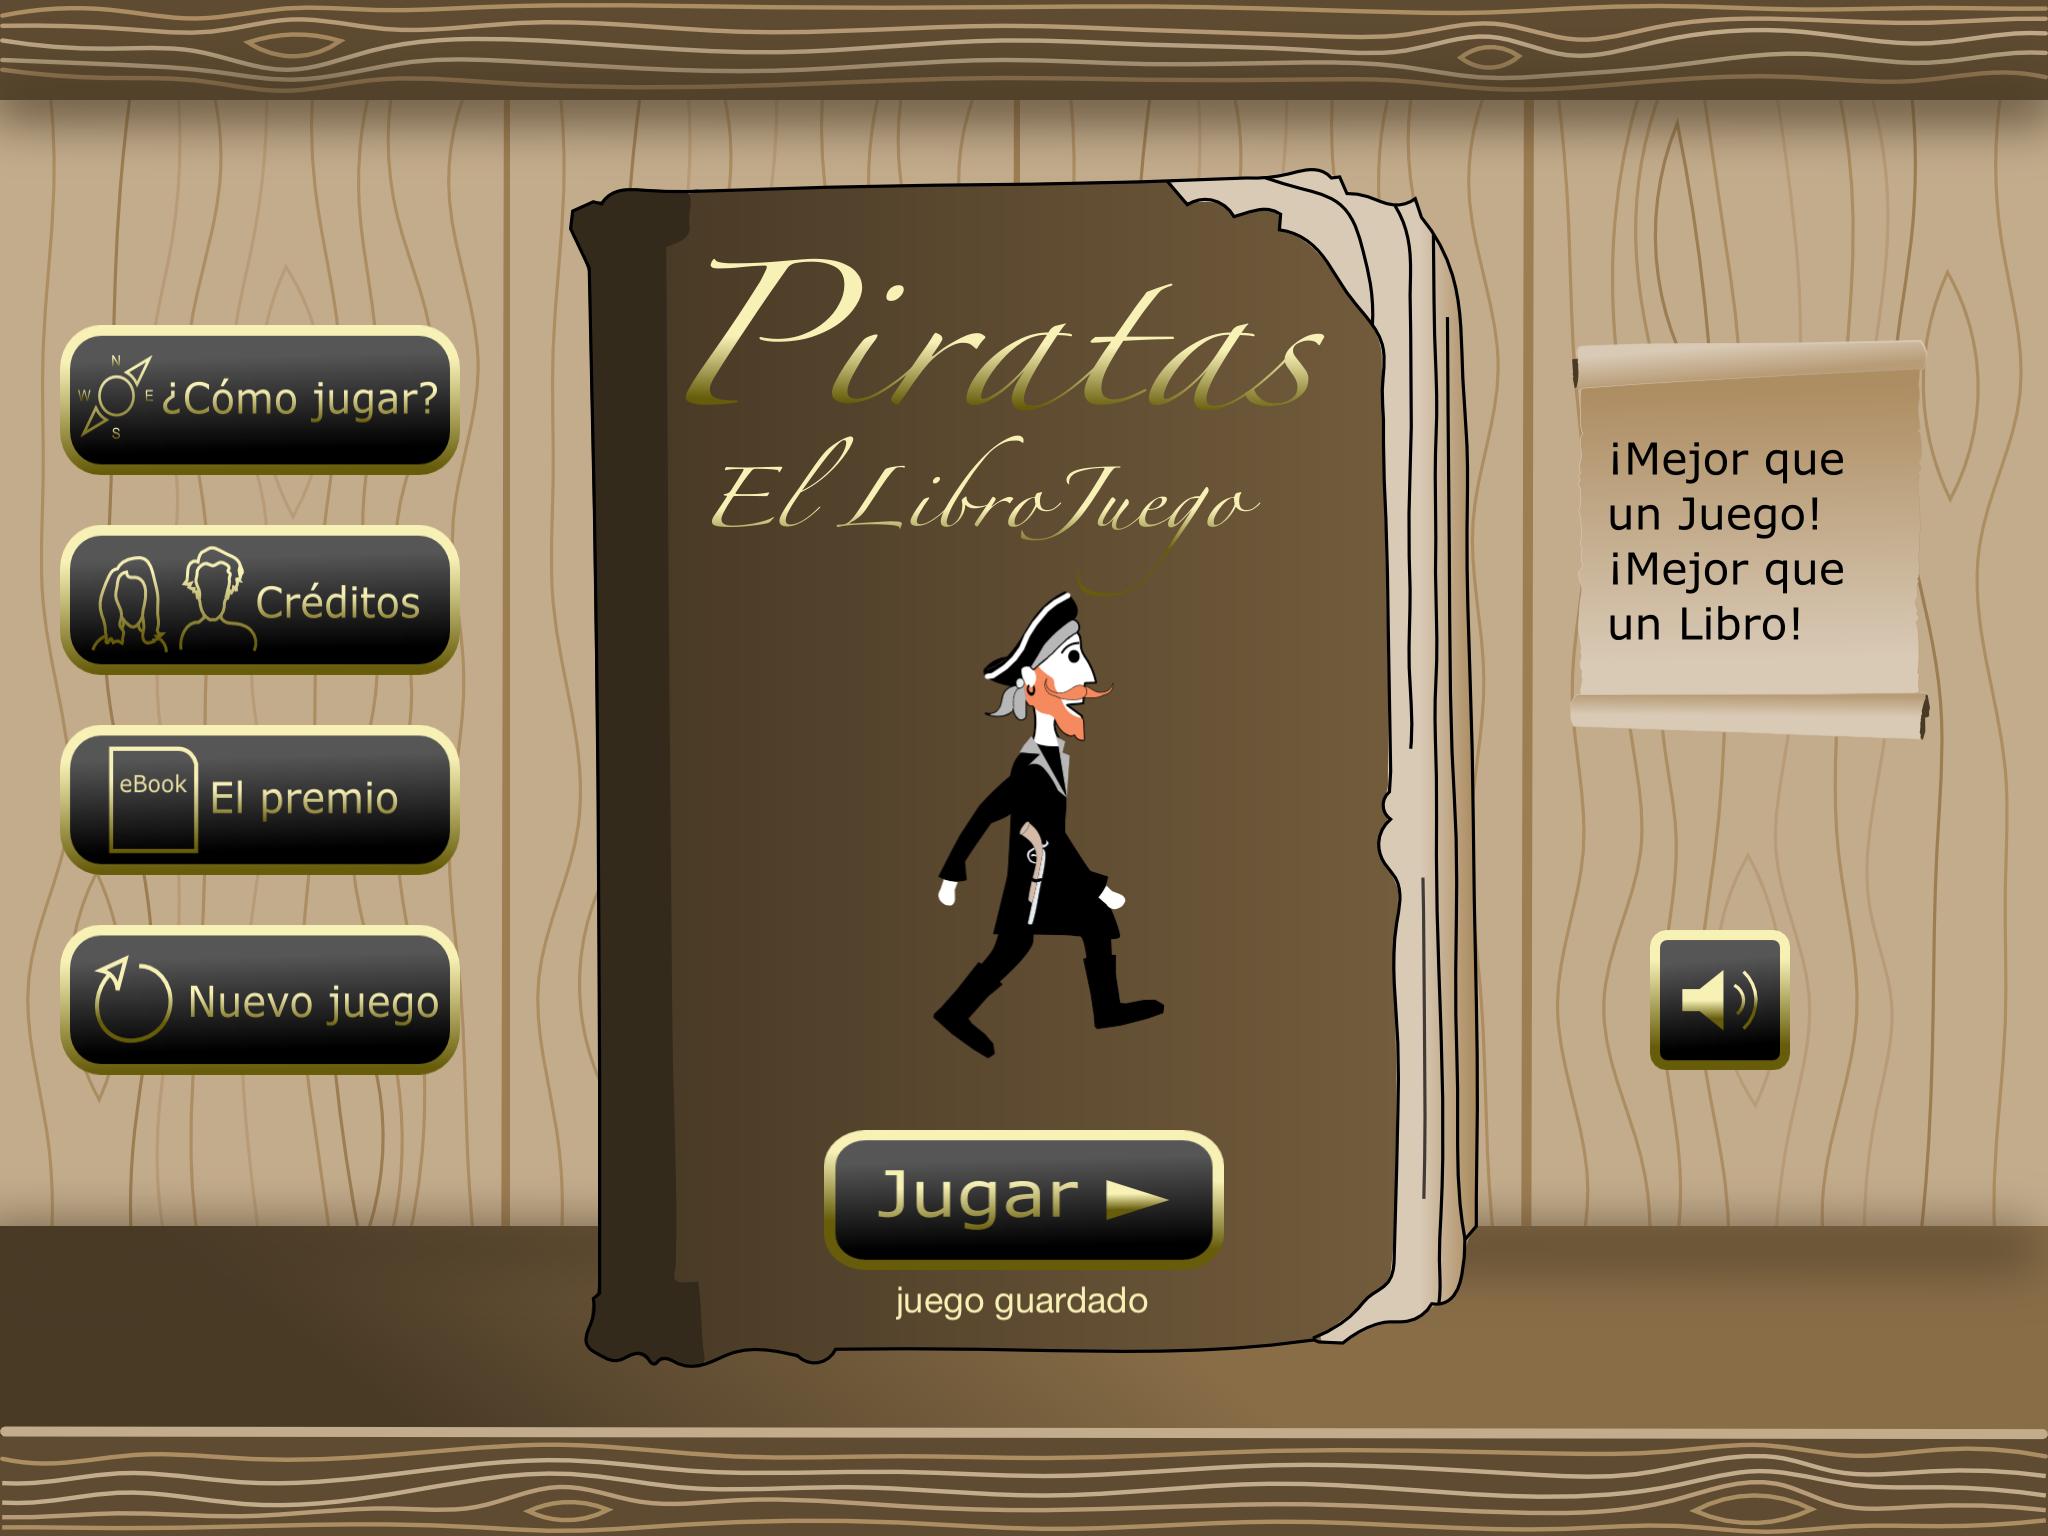 Piratas el LibroJuego estimula la lectura con tiros y explosiones